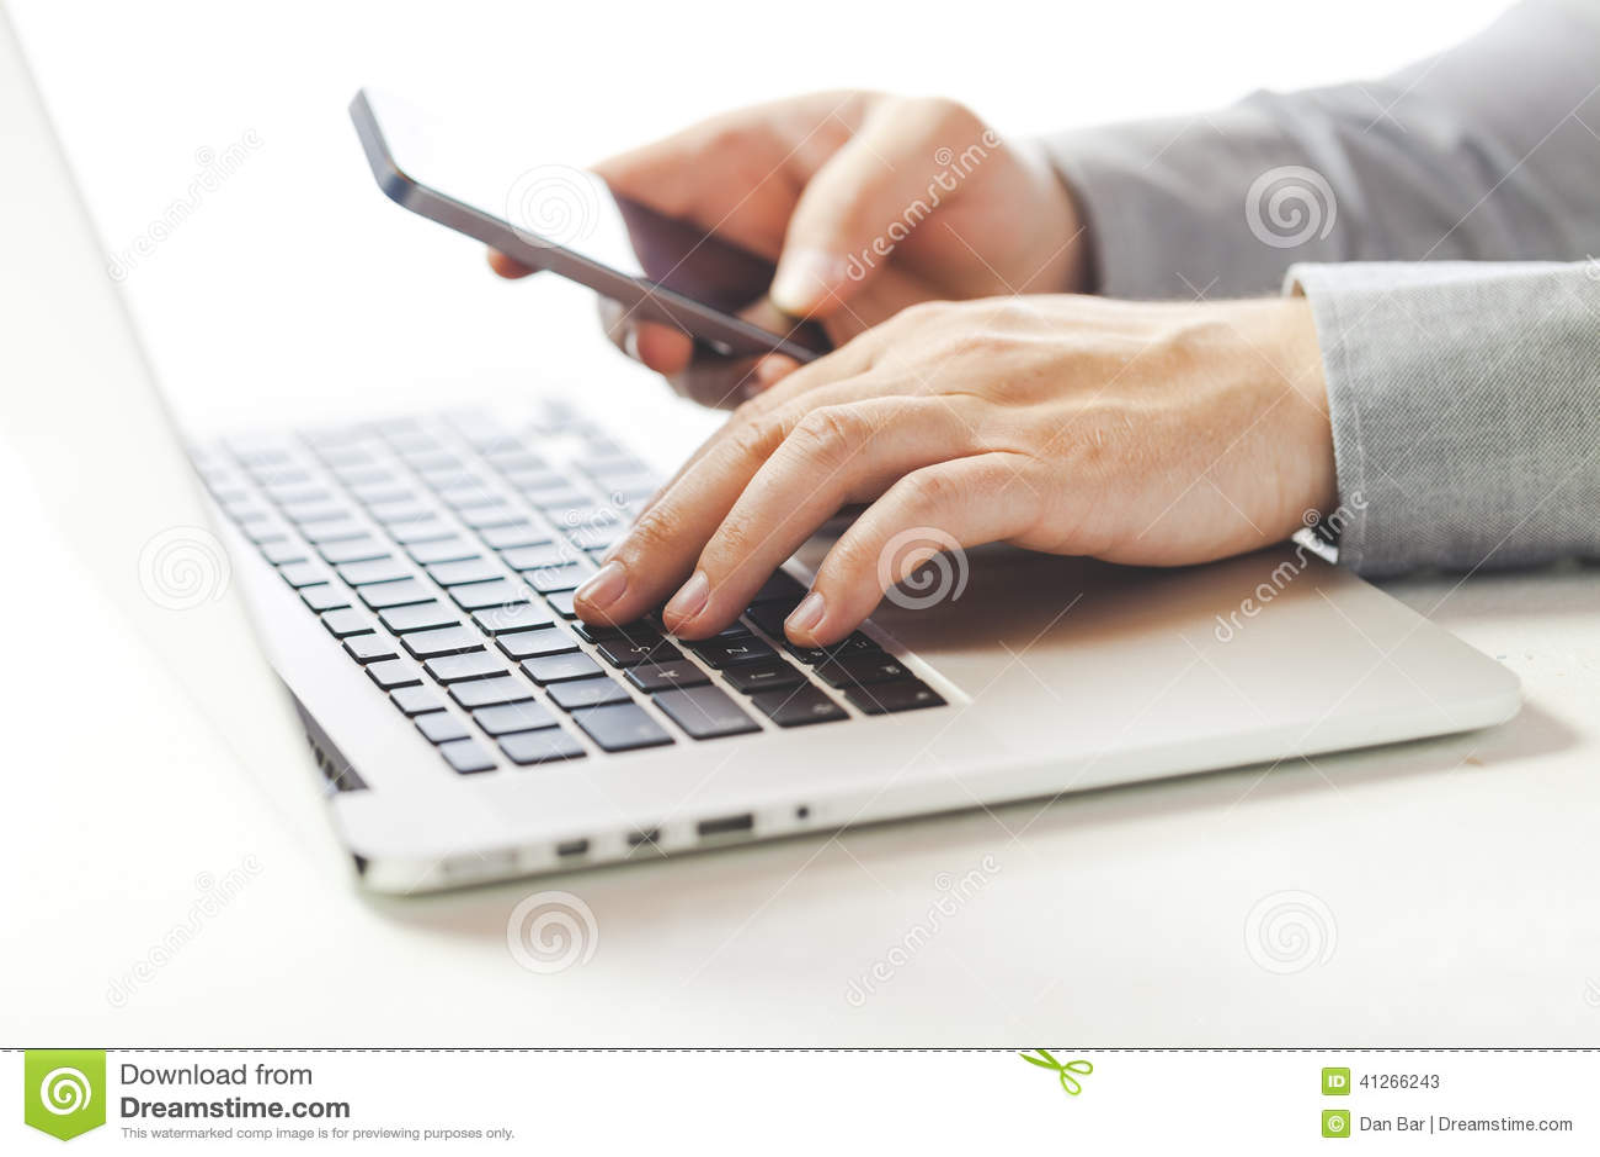 Sluit omhoog beeld van multitasking bedrijfsmens gebruikend laptop en een mobiele telefoon